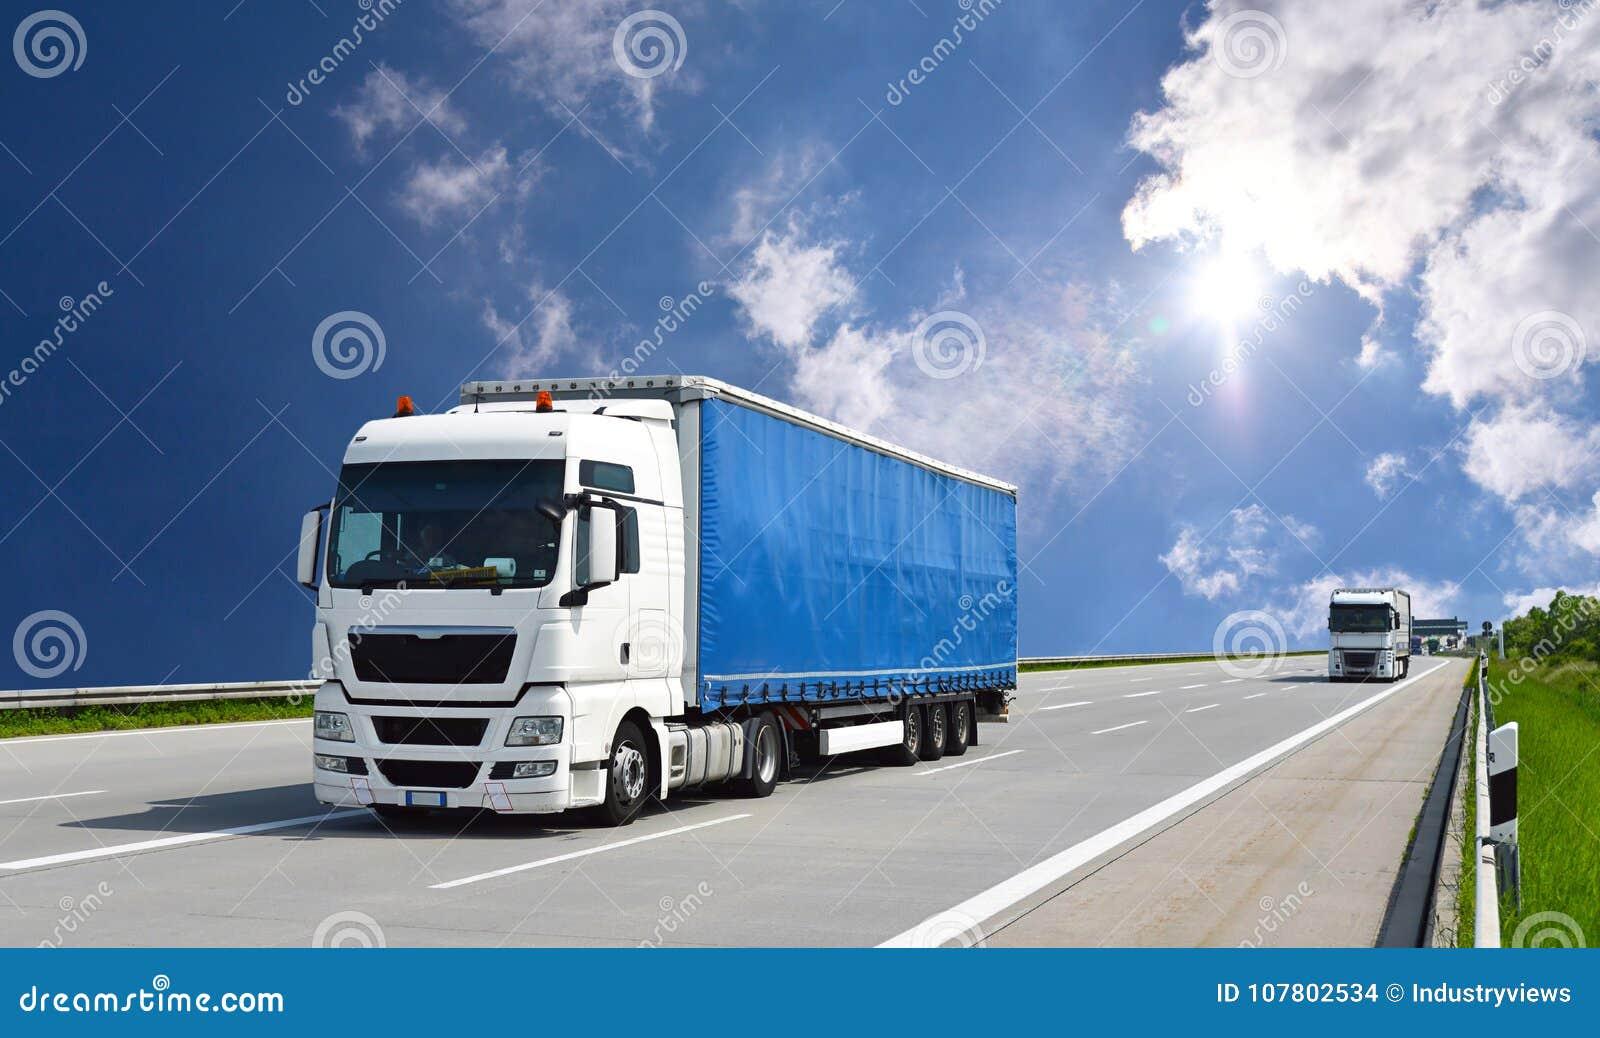 O caminhão transporta bens pela estrada - transporte e logística